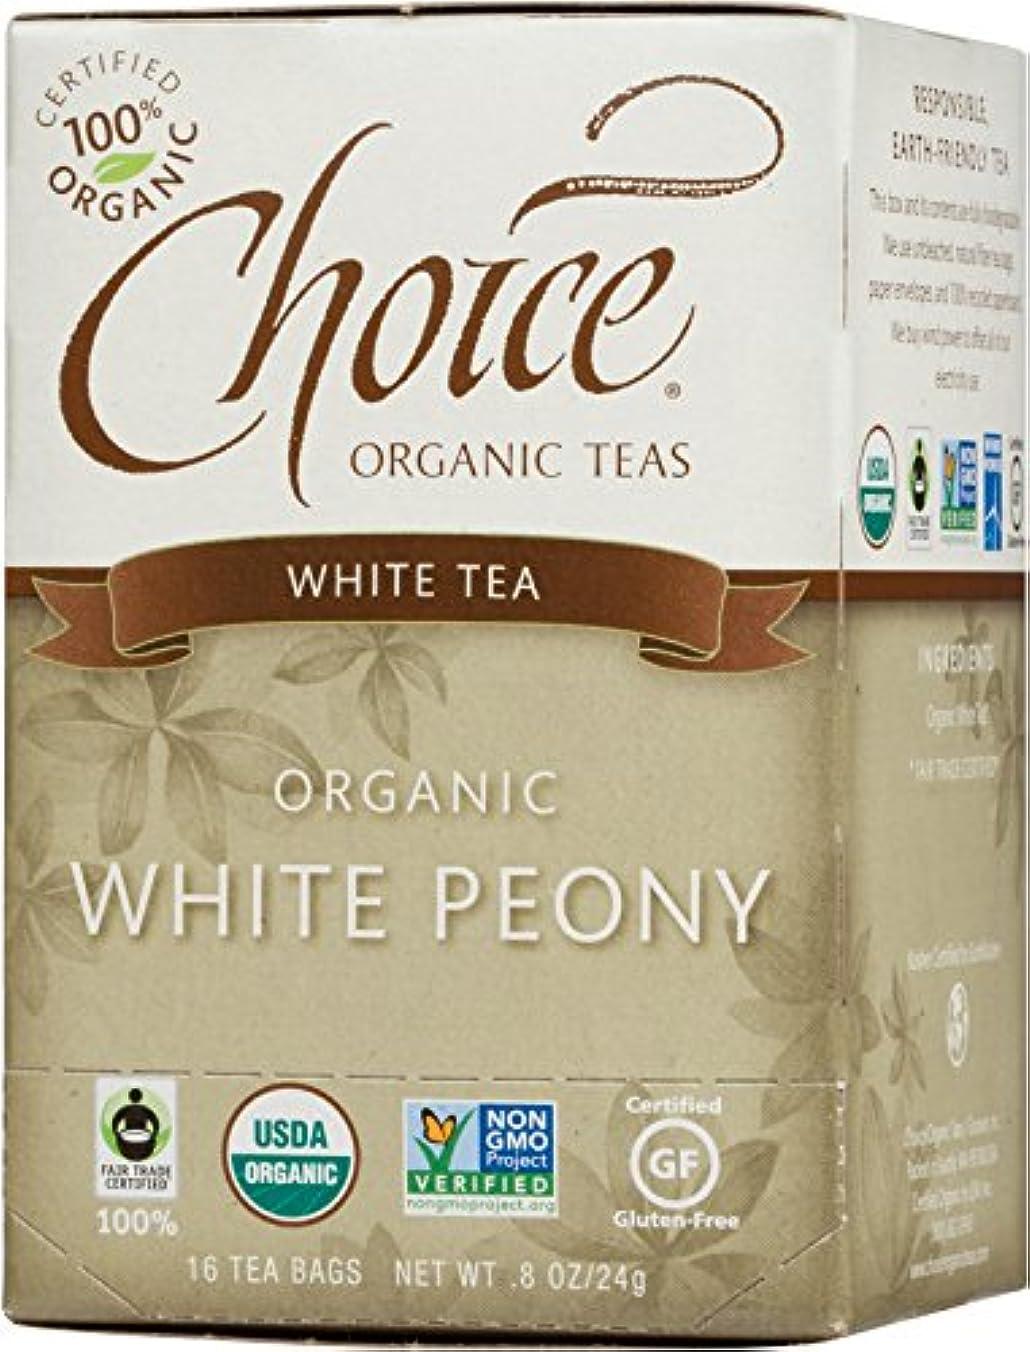 原理抑制するファン海外直送品Choice Organic Teas White Peony Tea, 16 BAGS